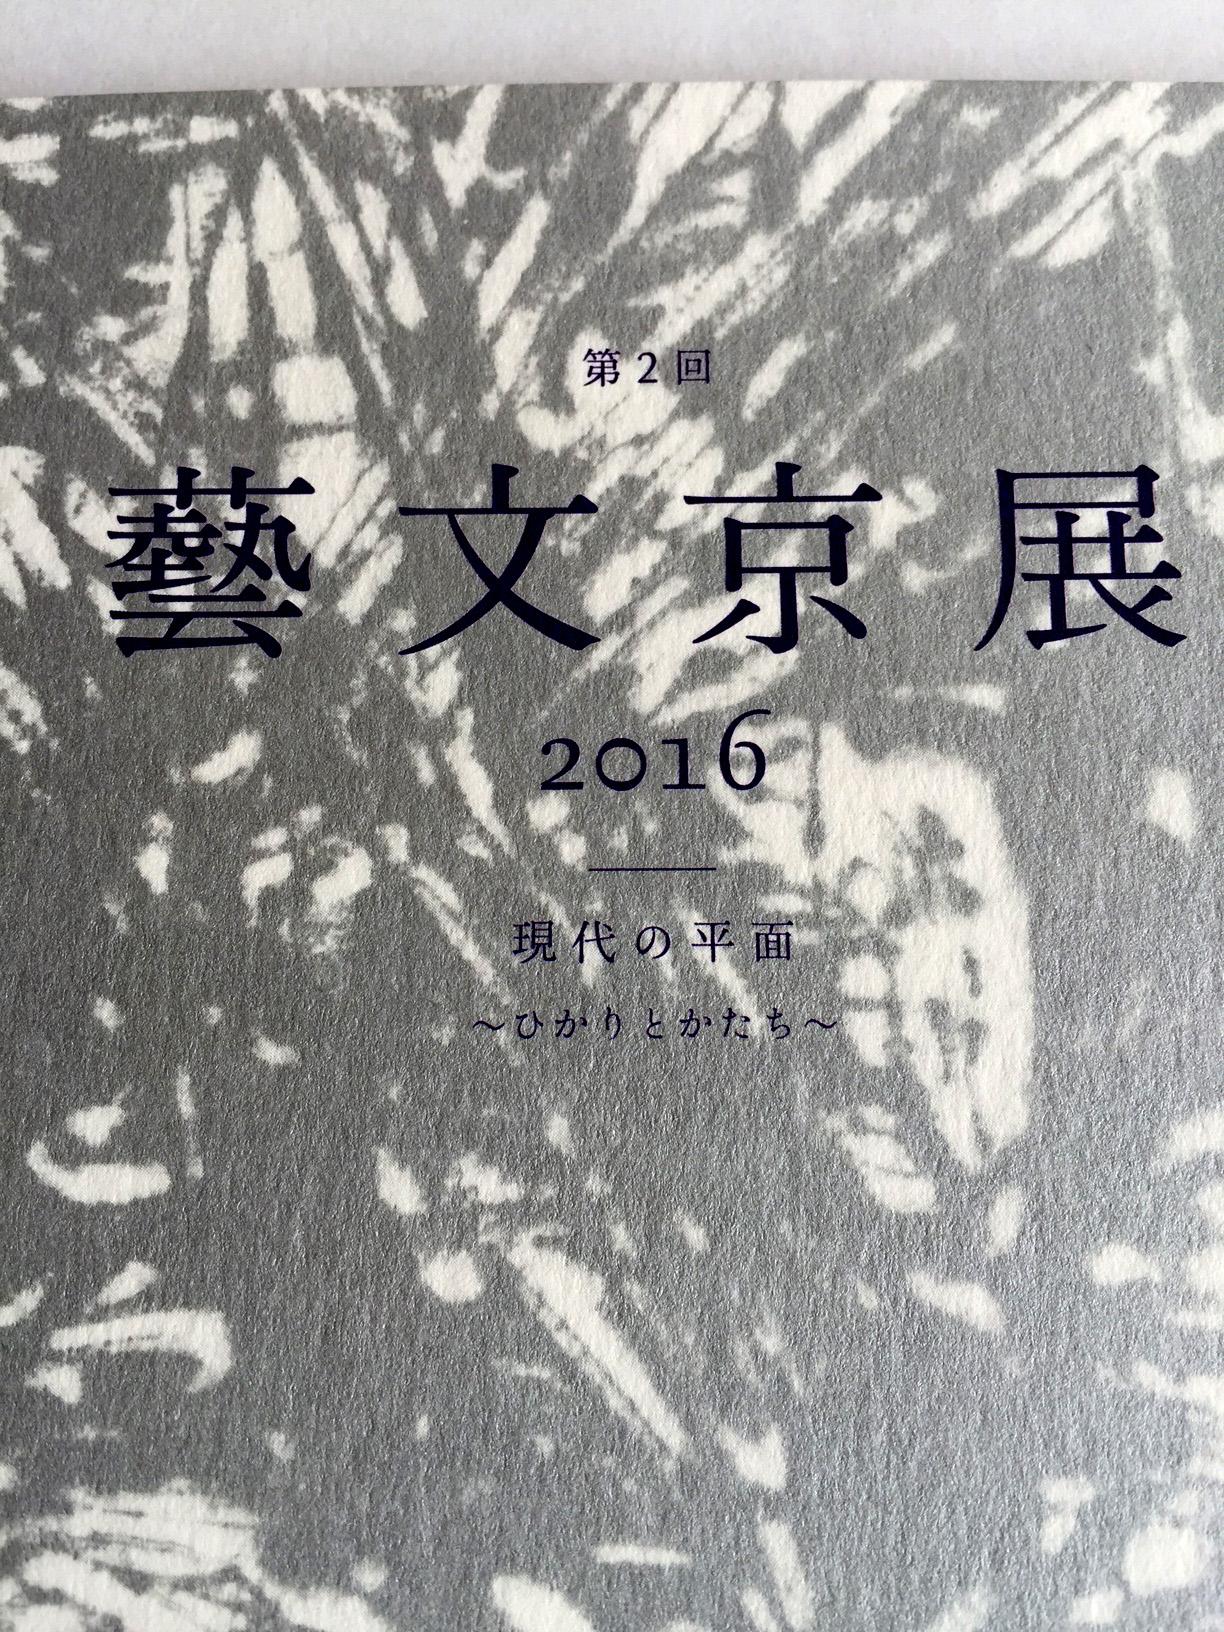 京都 藝文京展で象嵌が入賞しました!